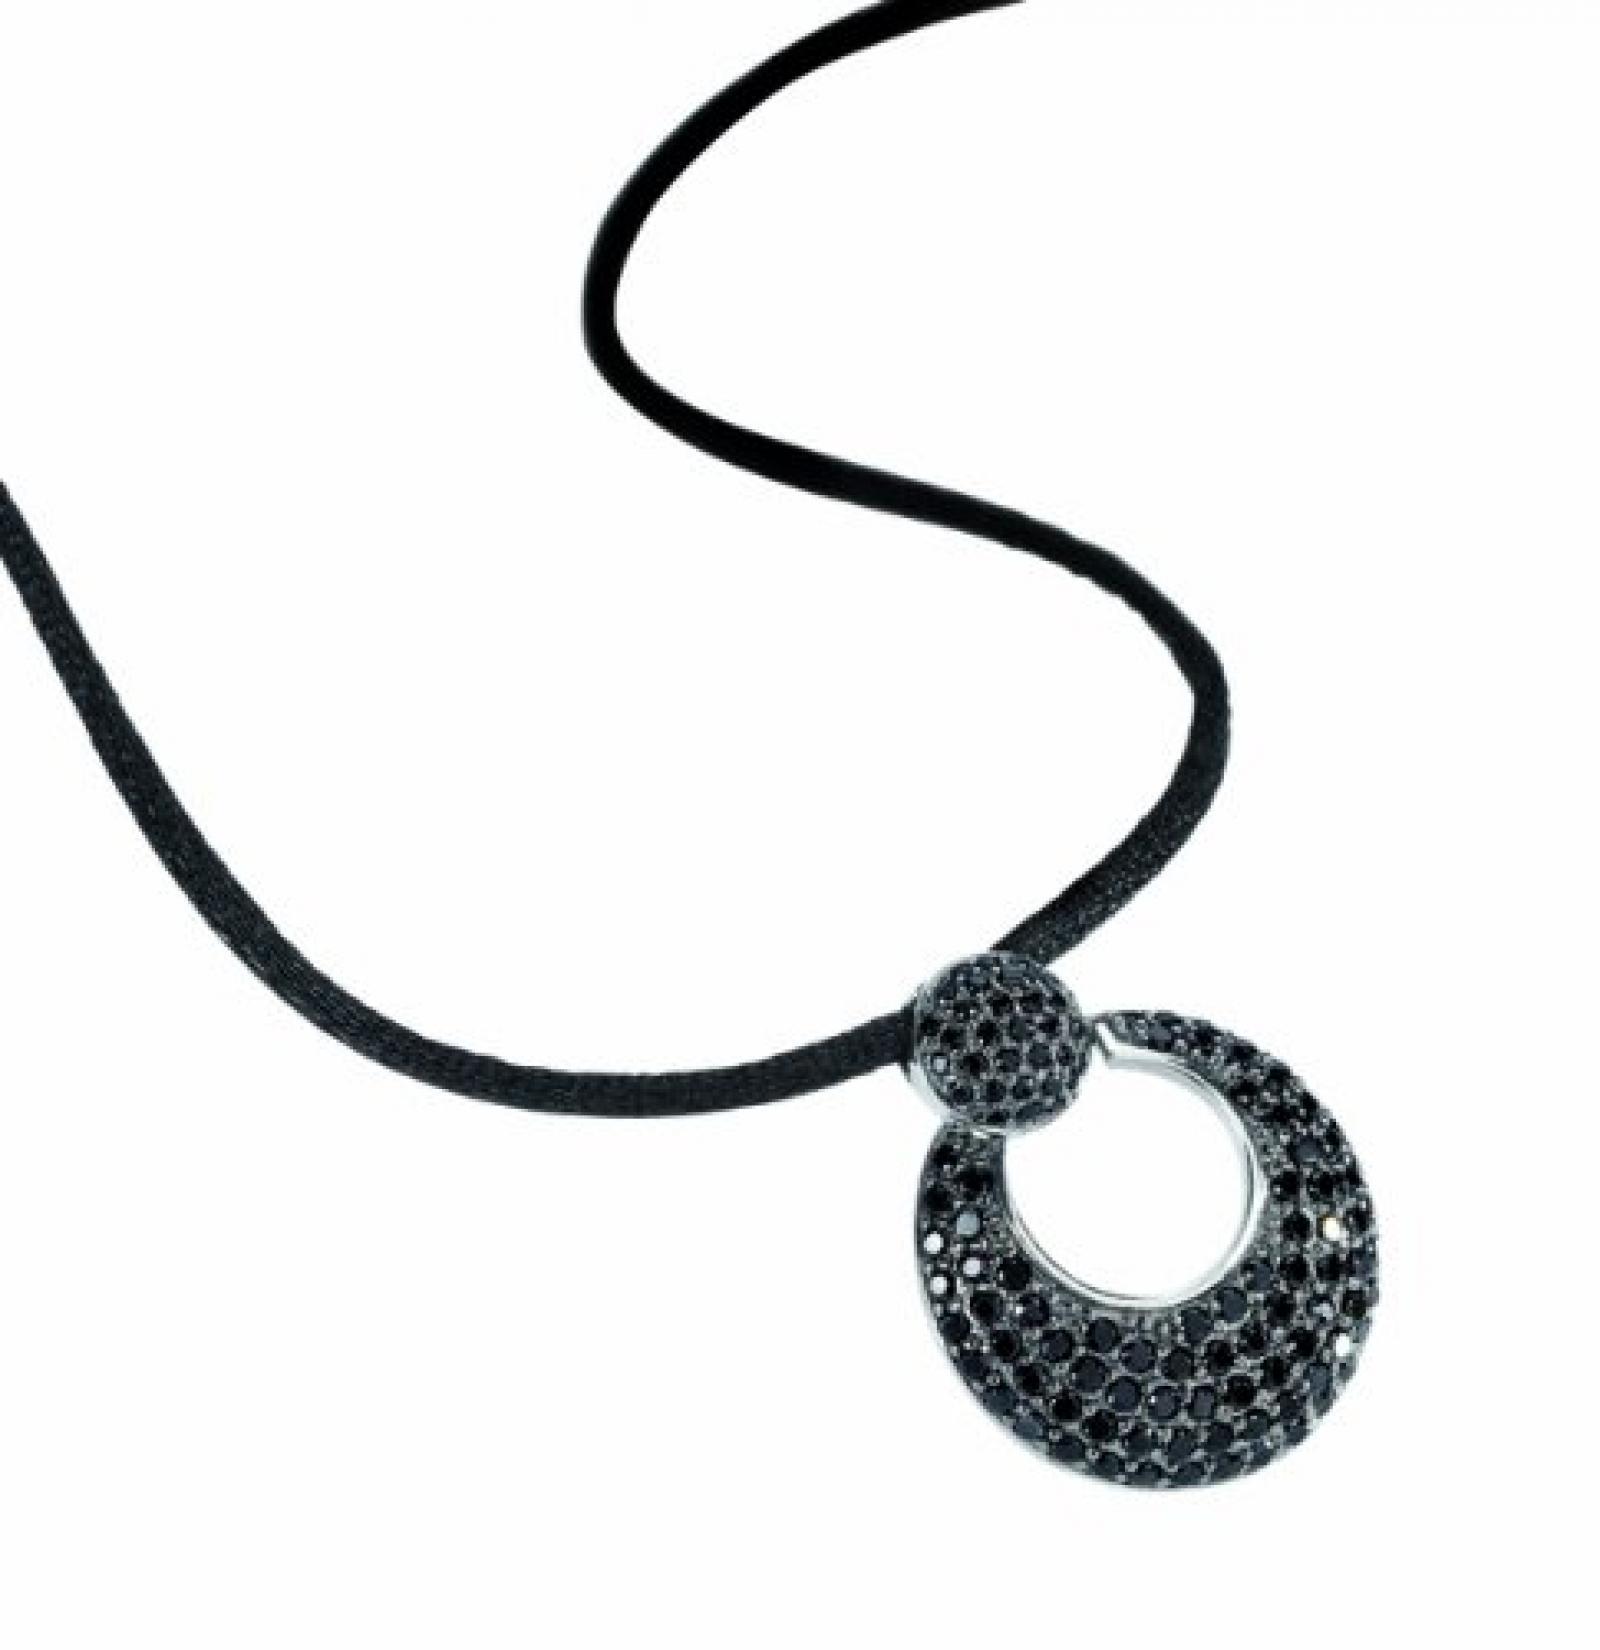 Celesta Damen-Anhänger mit Textilband 42+3cm 925 Sterling Silber Zirkonia schwarz 360250170